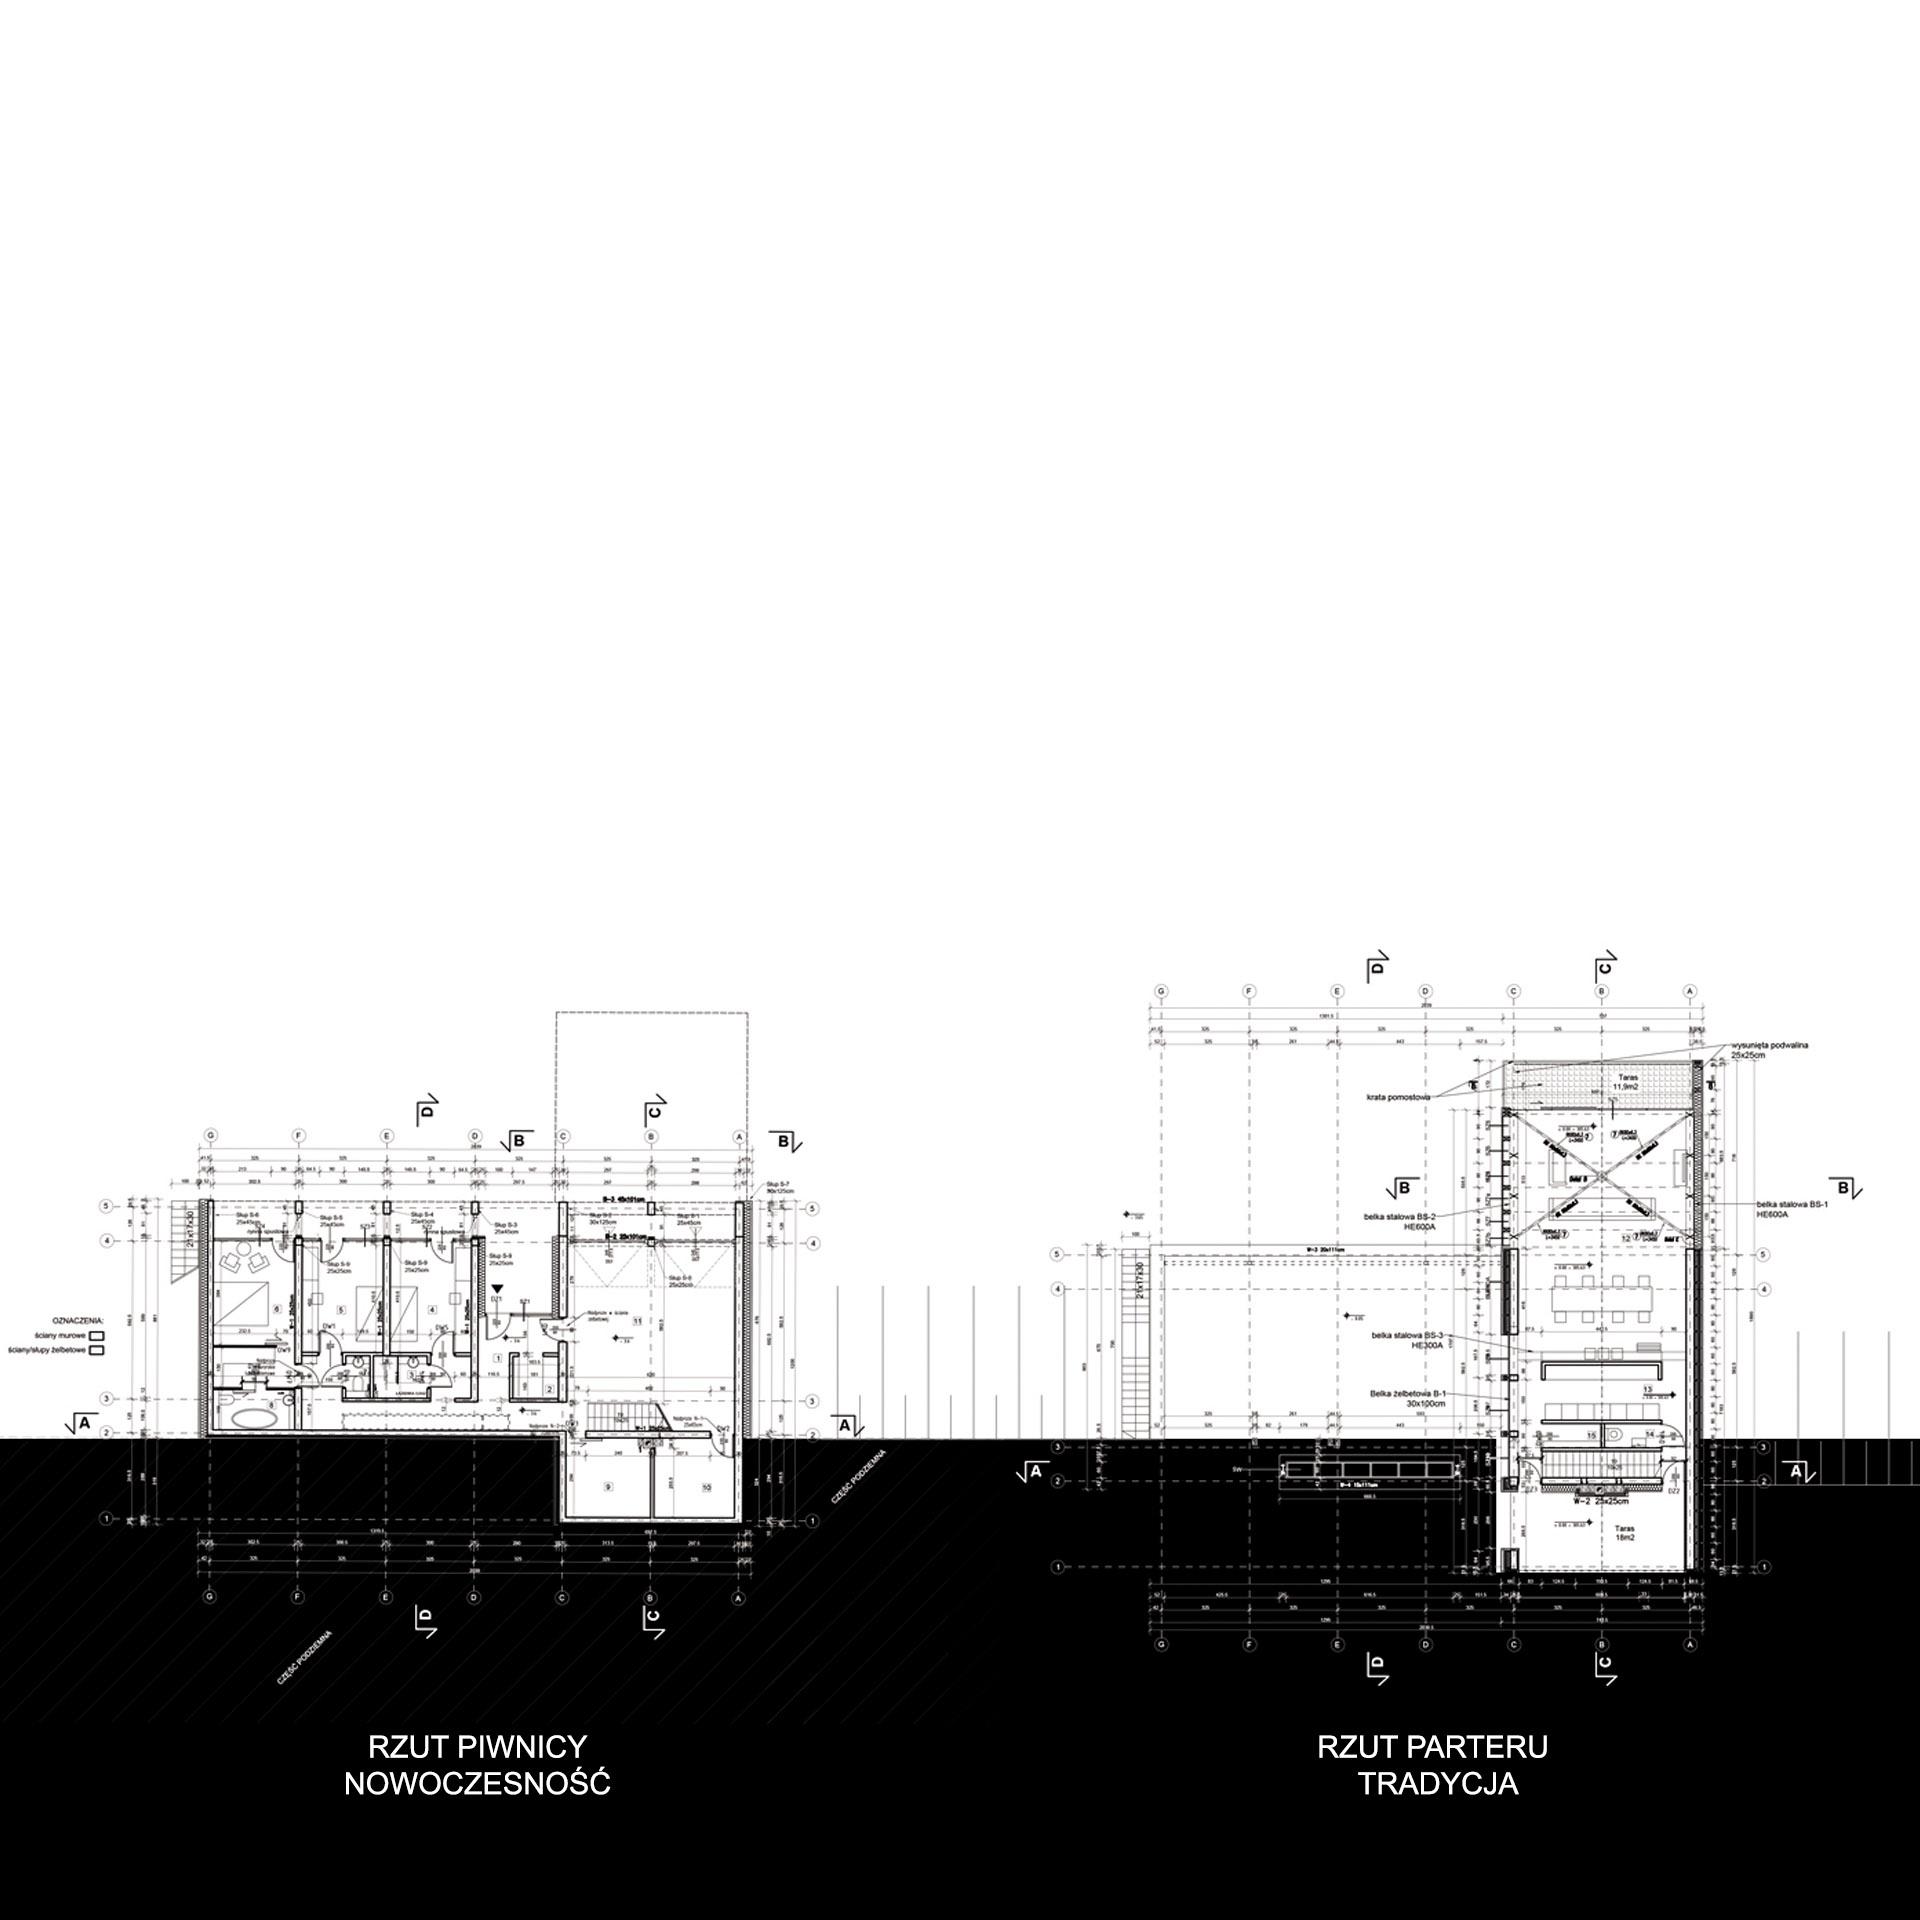 Latająca stodoła - rzut piwnicy i parteru